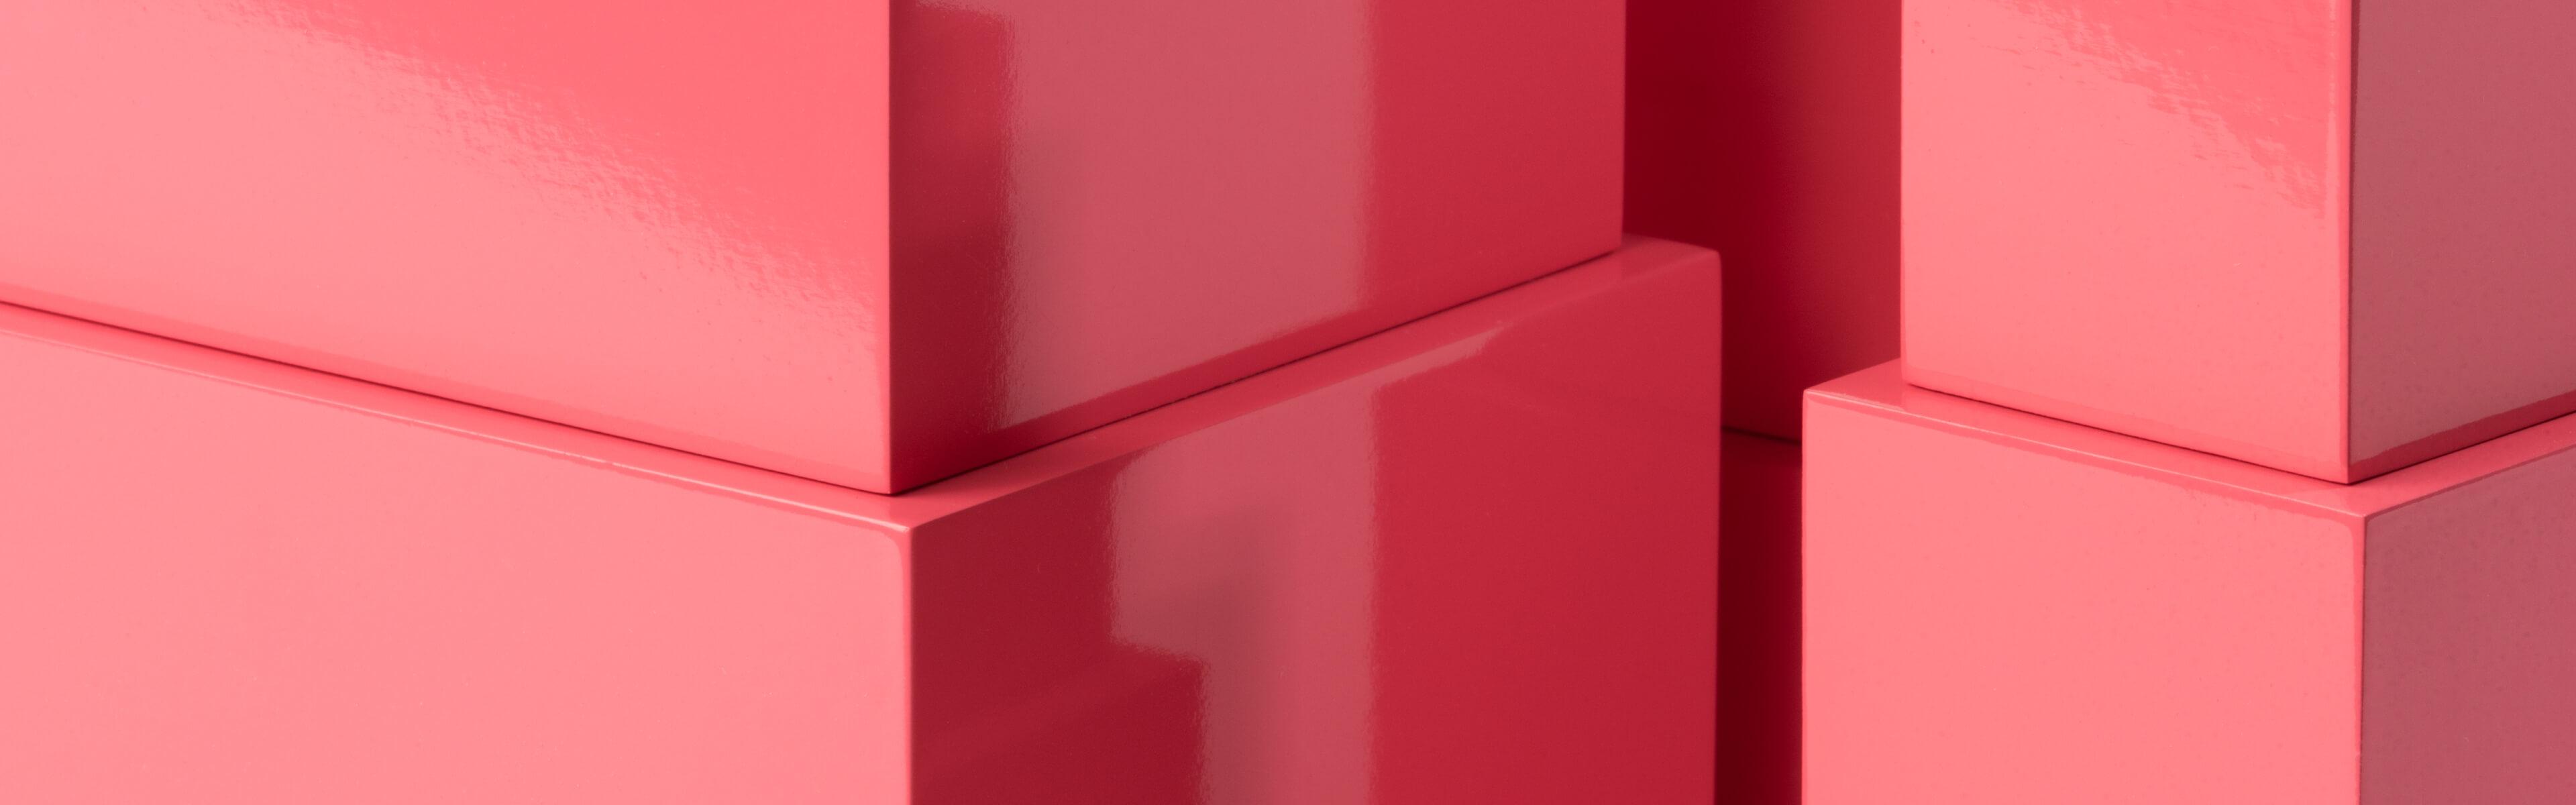 nienhuis-pink-tower-banner-08272018.jpg